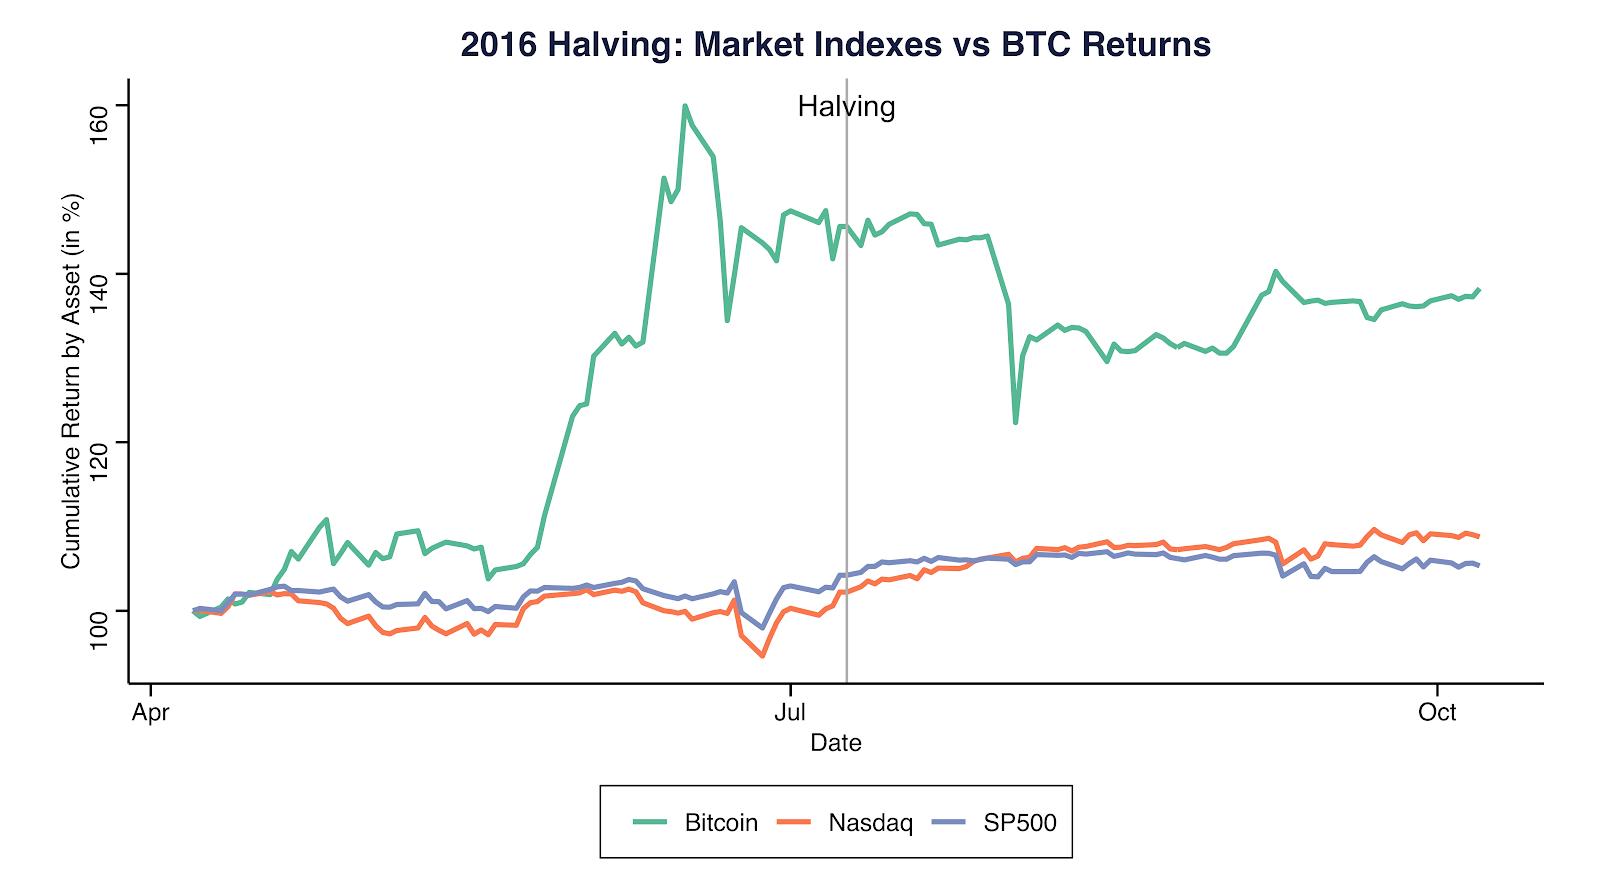 Halving de 2016: Índices de mercado vs. rendimientos de BTC. Fuente: Coinmetrics.io